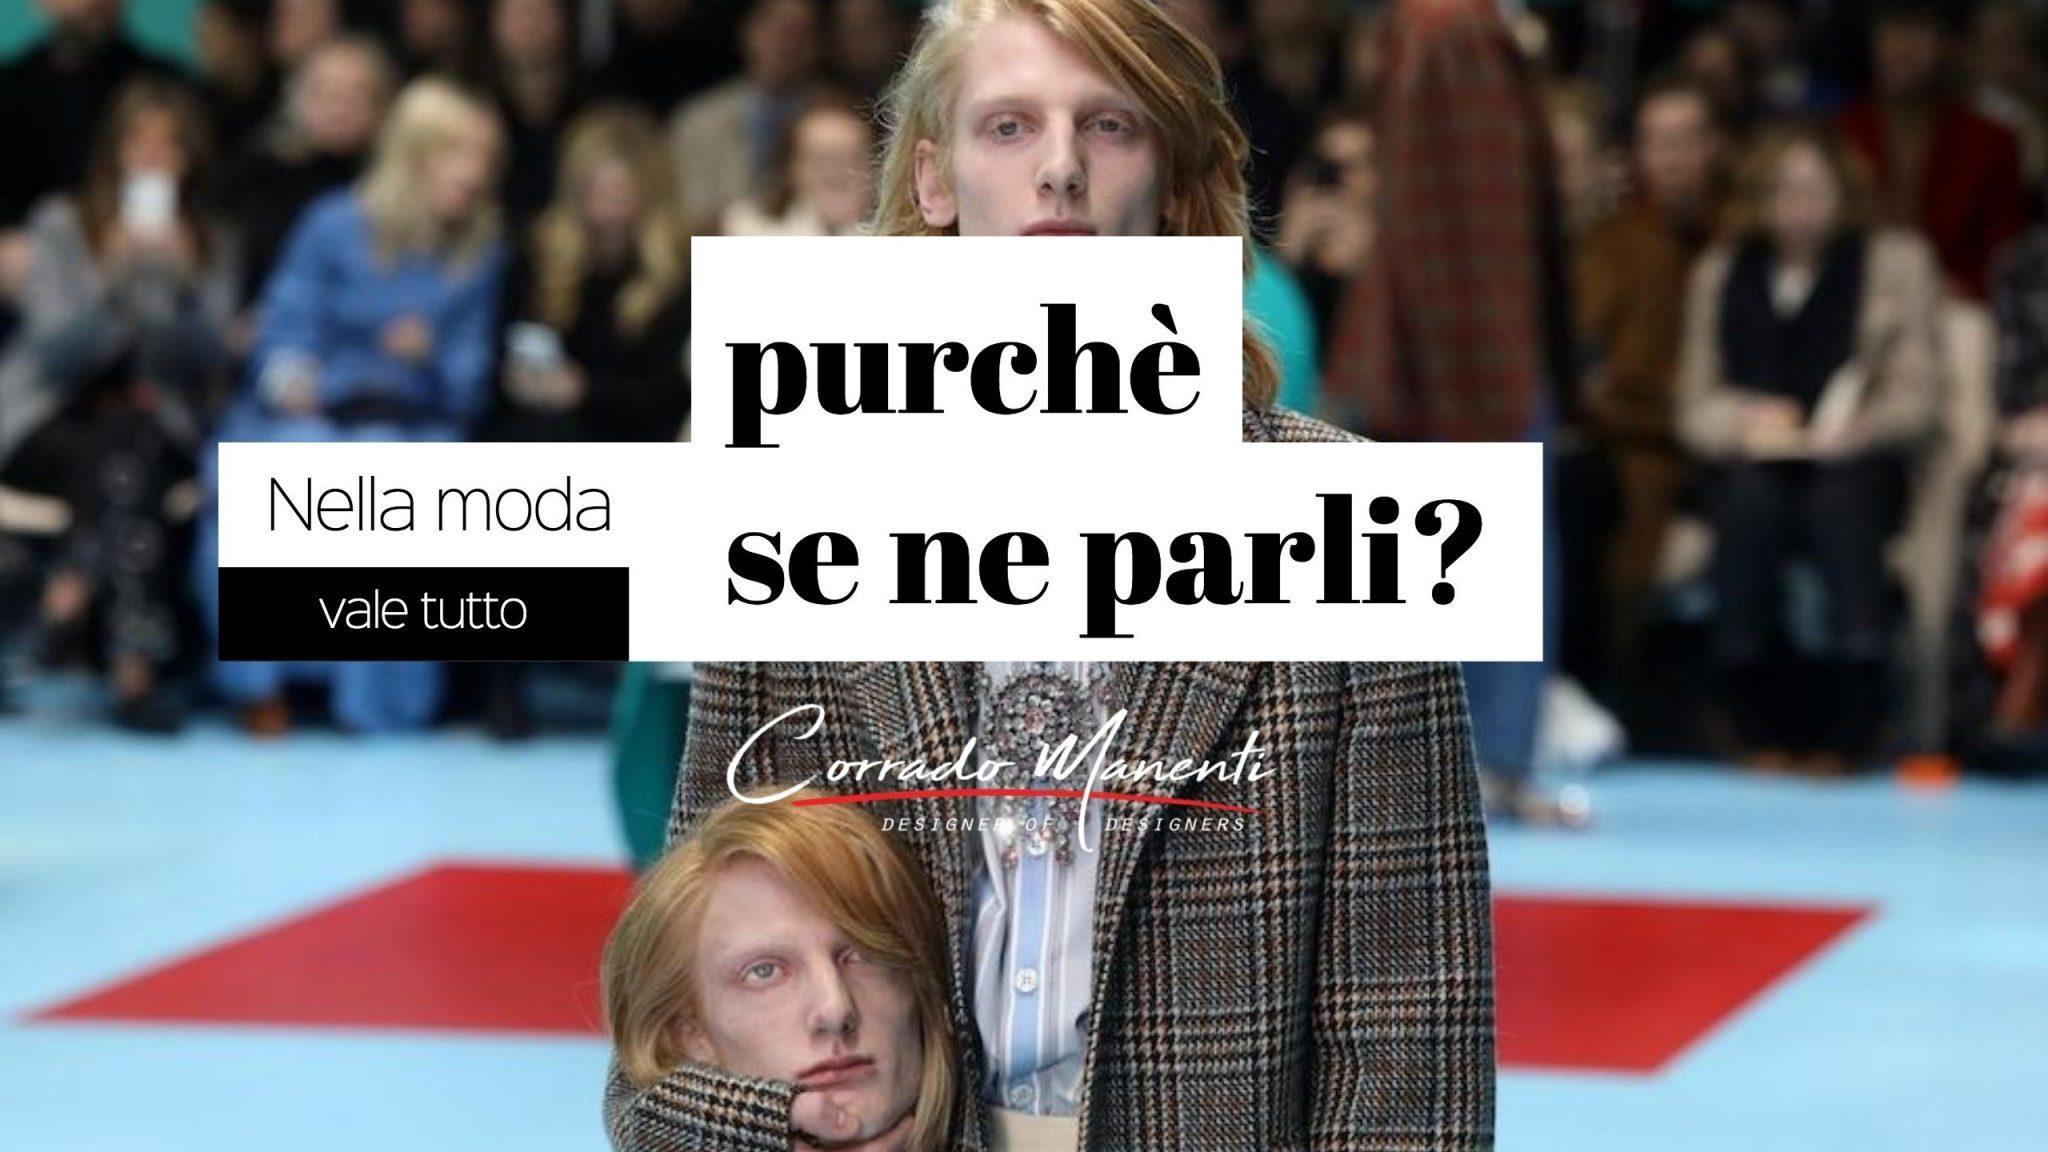 Armani VS Gucci: Nella moda vale tutto purché se ne parli?